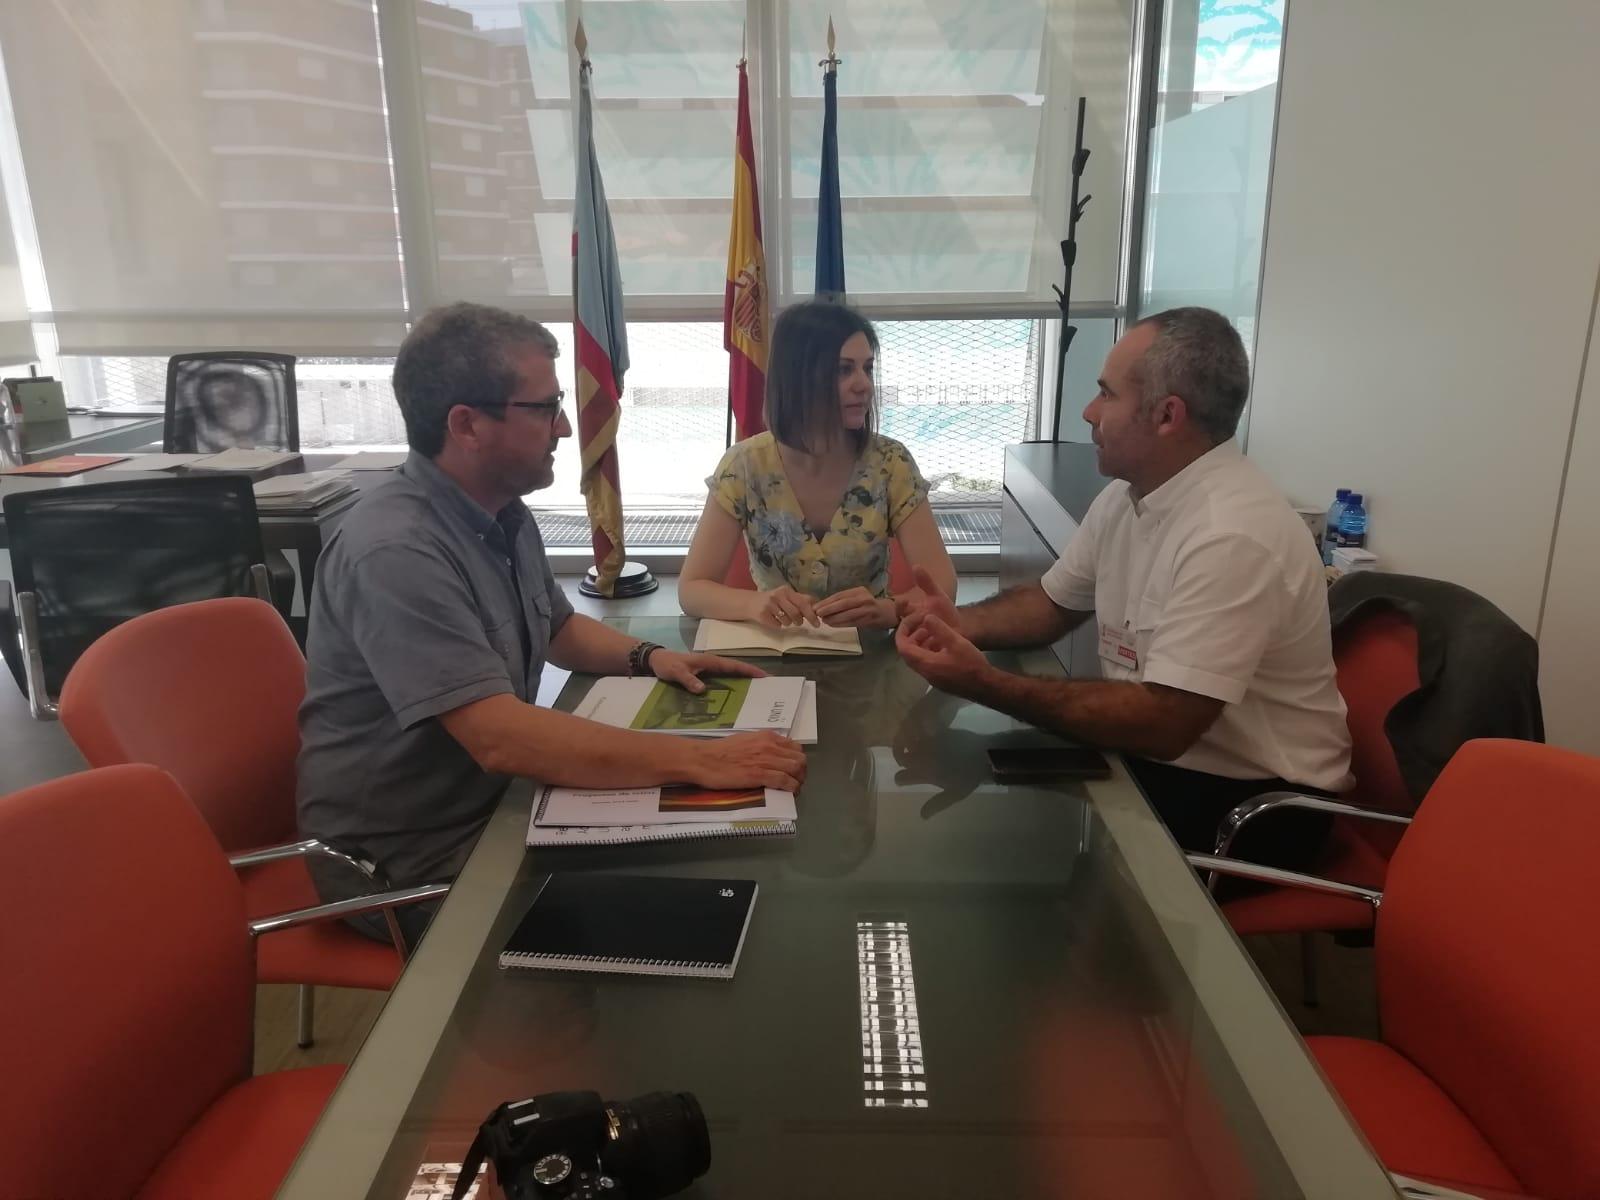 e4a3aebd e279 45c1 a439 b61c0a8d1ae0 - Alzira Radio notícies d'Alzira